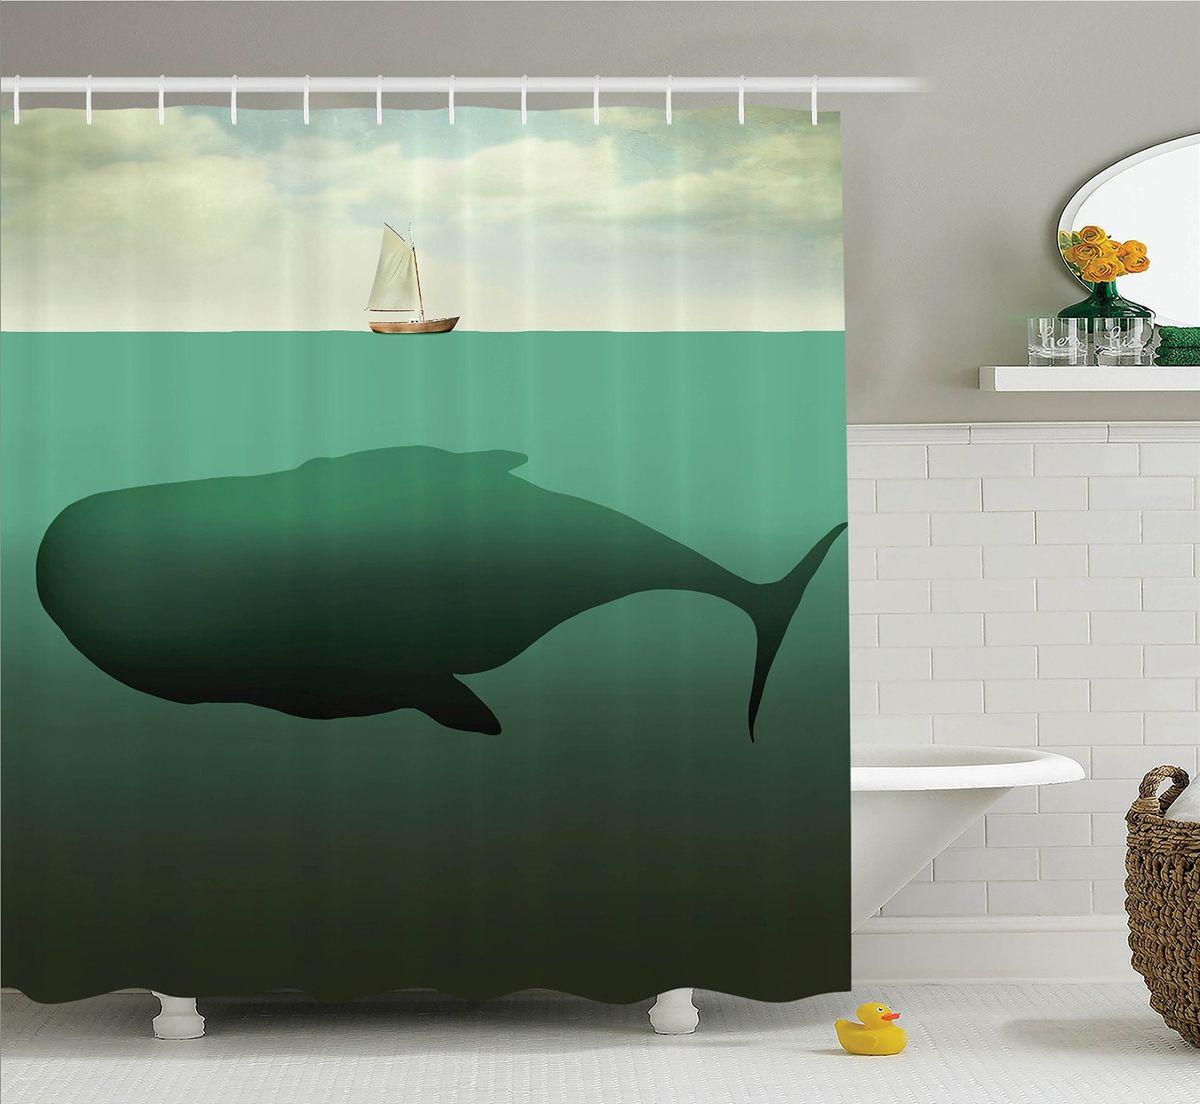 Штора для ванной комнаты Magic Lady Гигантский кит, 180 х 200 смшв_13721Штора Magic Lady Гигантский кит, изготовленная из высококачественного сатена (полиэстер 100%), отлично дополнит любой интерьер ванной комнаты. При изготовлении используются специальные гипоаллергенные чернила для прямой печати по ткани, безопасные для человека.В комплекте: 1 штора, 12 крючков. Обращаем ваше внимание, фактический цвет изделия может незначительно отличаться от представленного на фото.